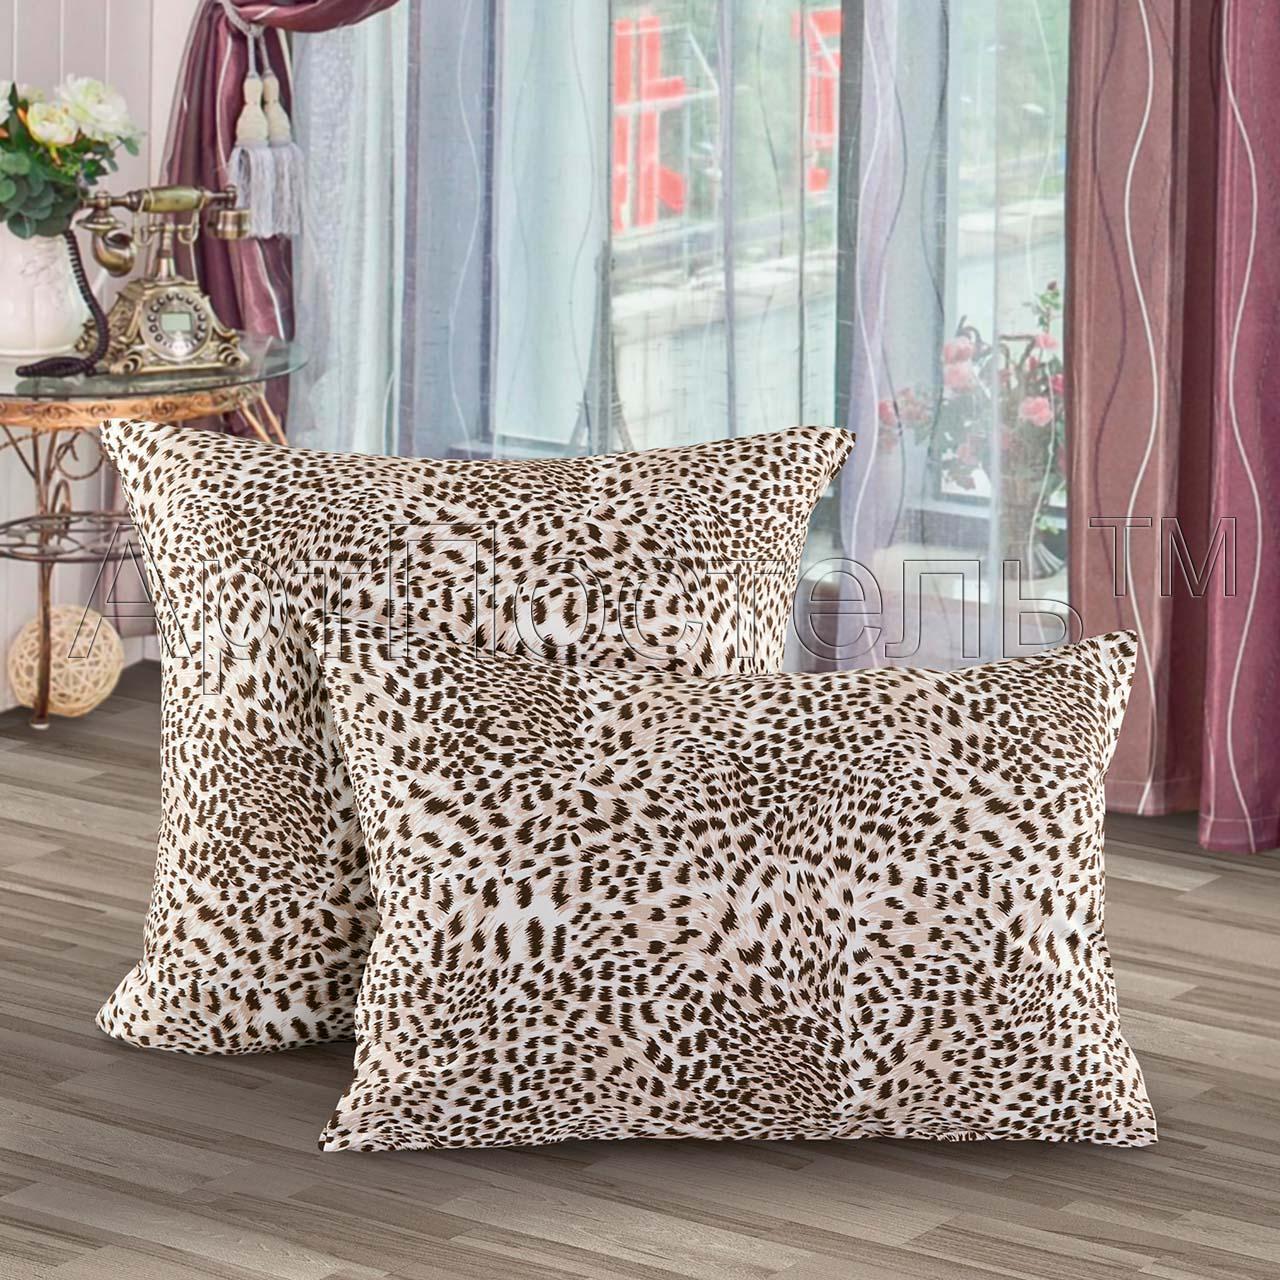 Наволочки Леопард р. 50х70Наволочки<br>Плотность ткани: 140 г/кв. М <br>Количество: 2 шт.<br><br>Тип: Наволочки<br>Размер: 50х70<br>Материал: Кулирка